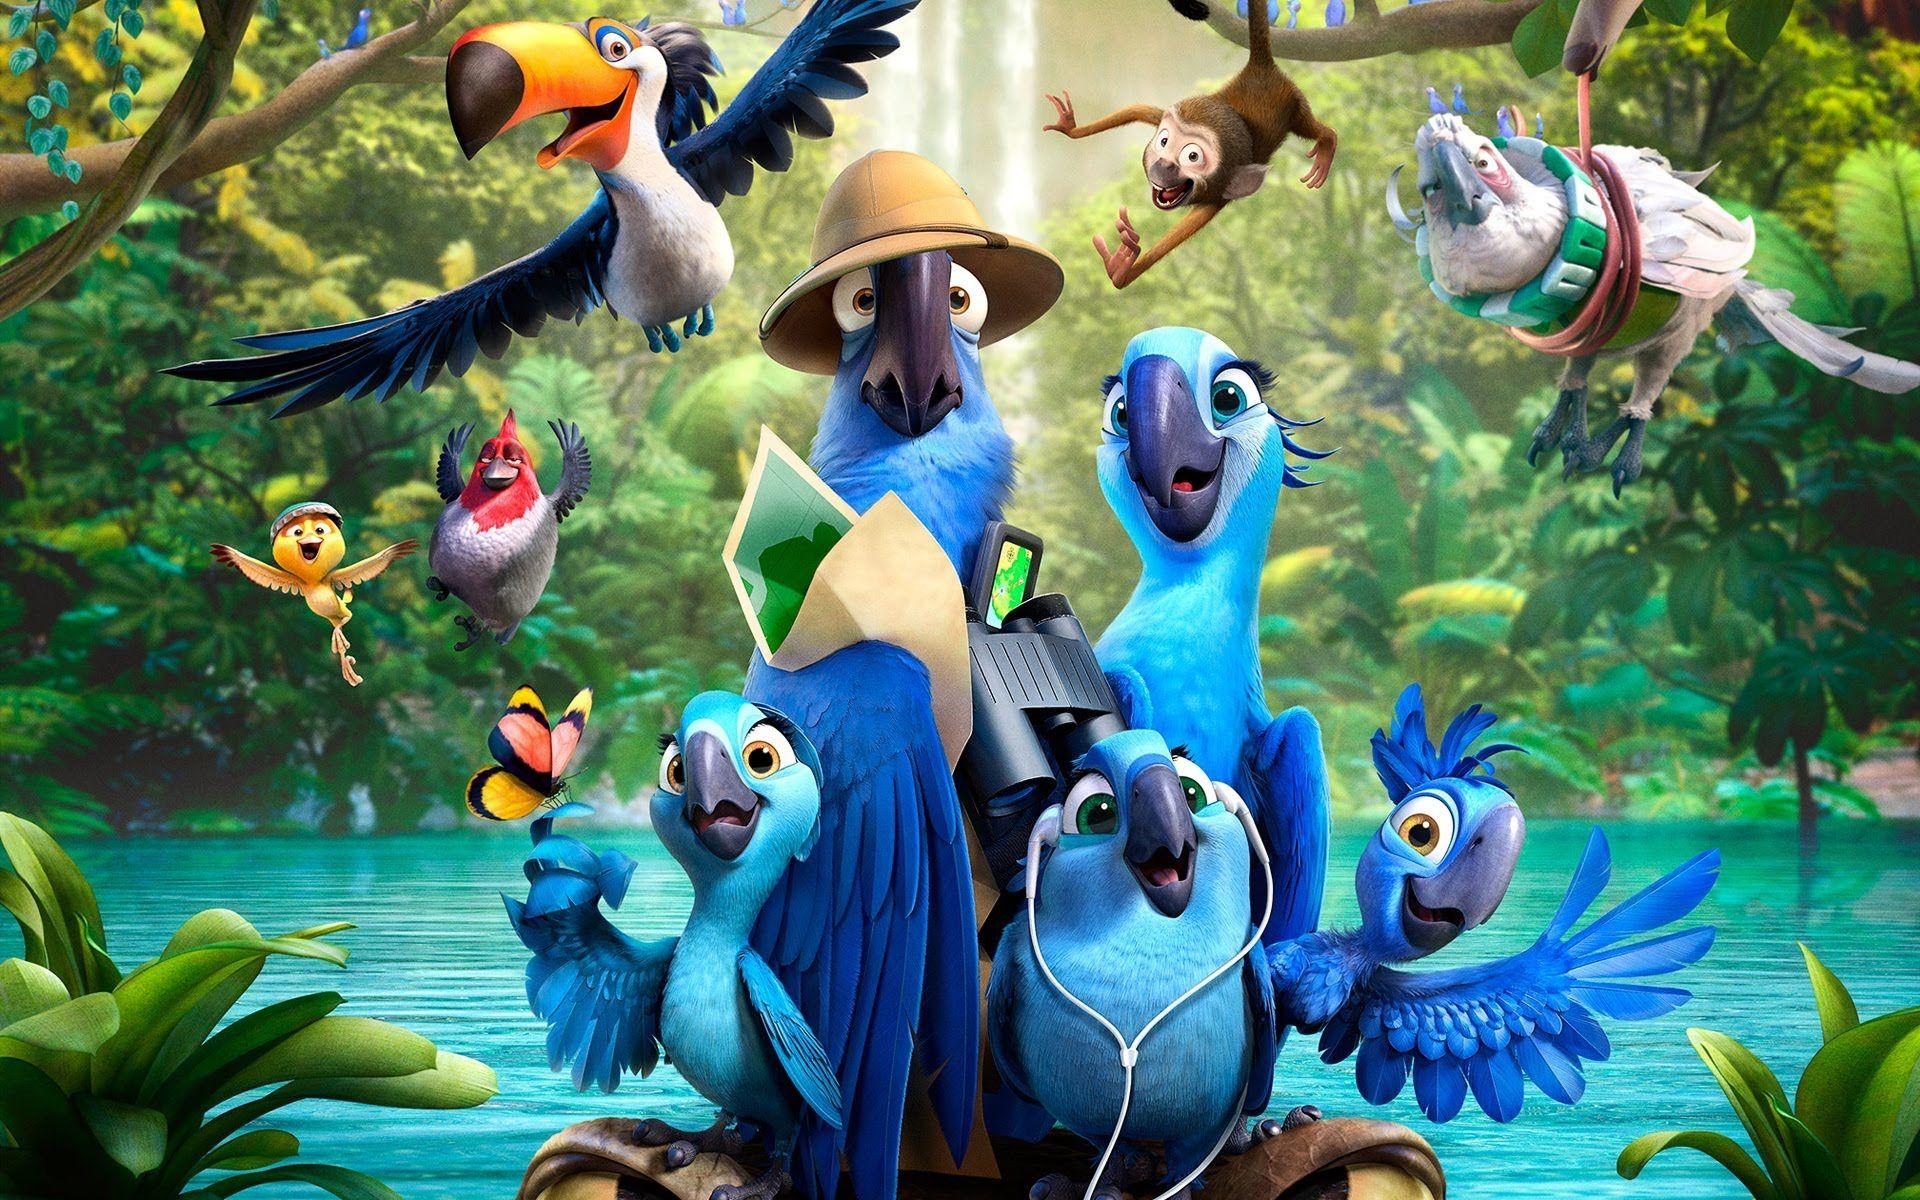 Kartinki Po Zaprosu Cartoon Movie Rio Movie Movie Wallpapers Rio 2 Movie